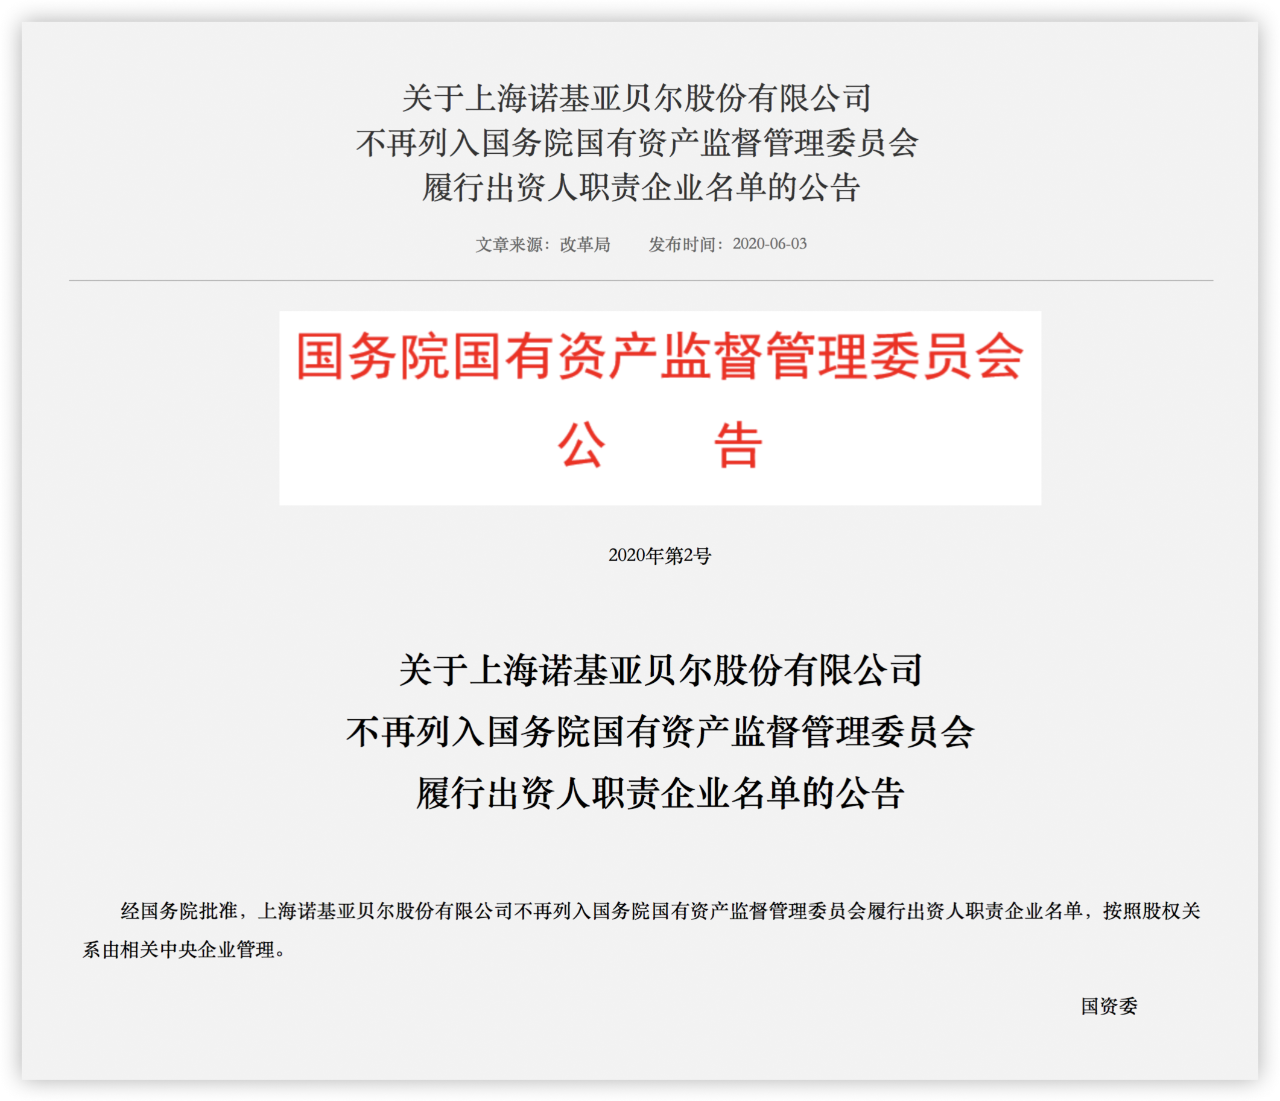 重磅!国资委发布关于上海诺基亚贝尔的公告